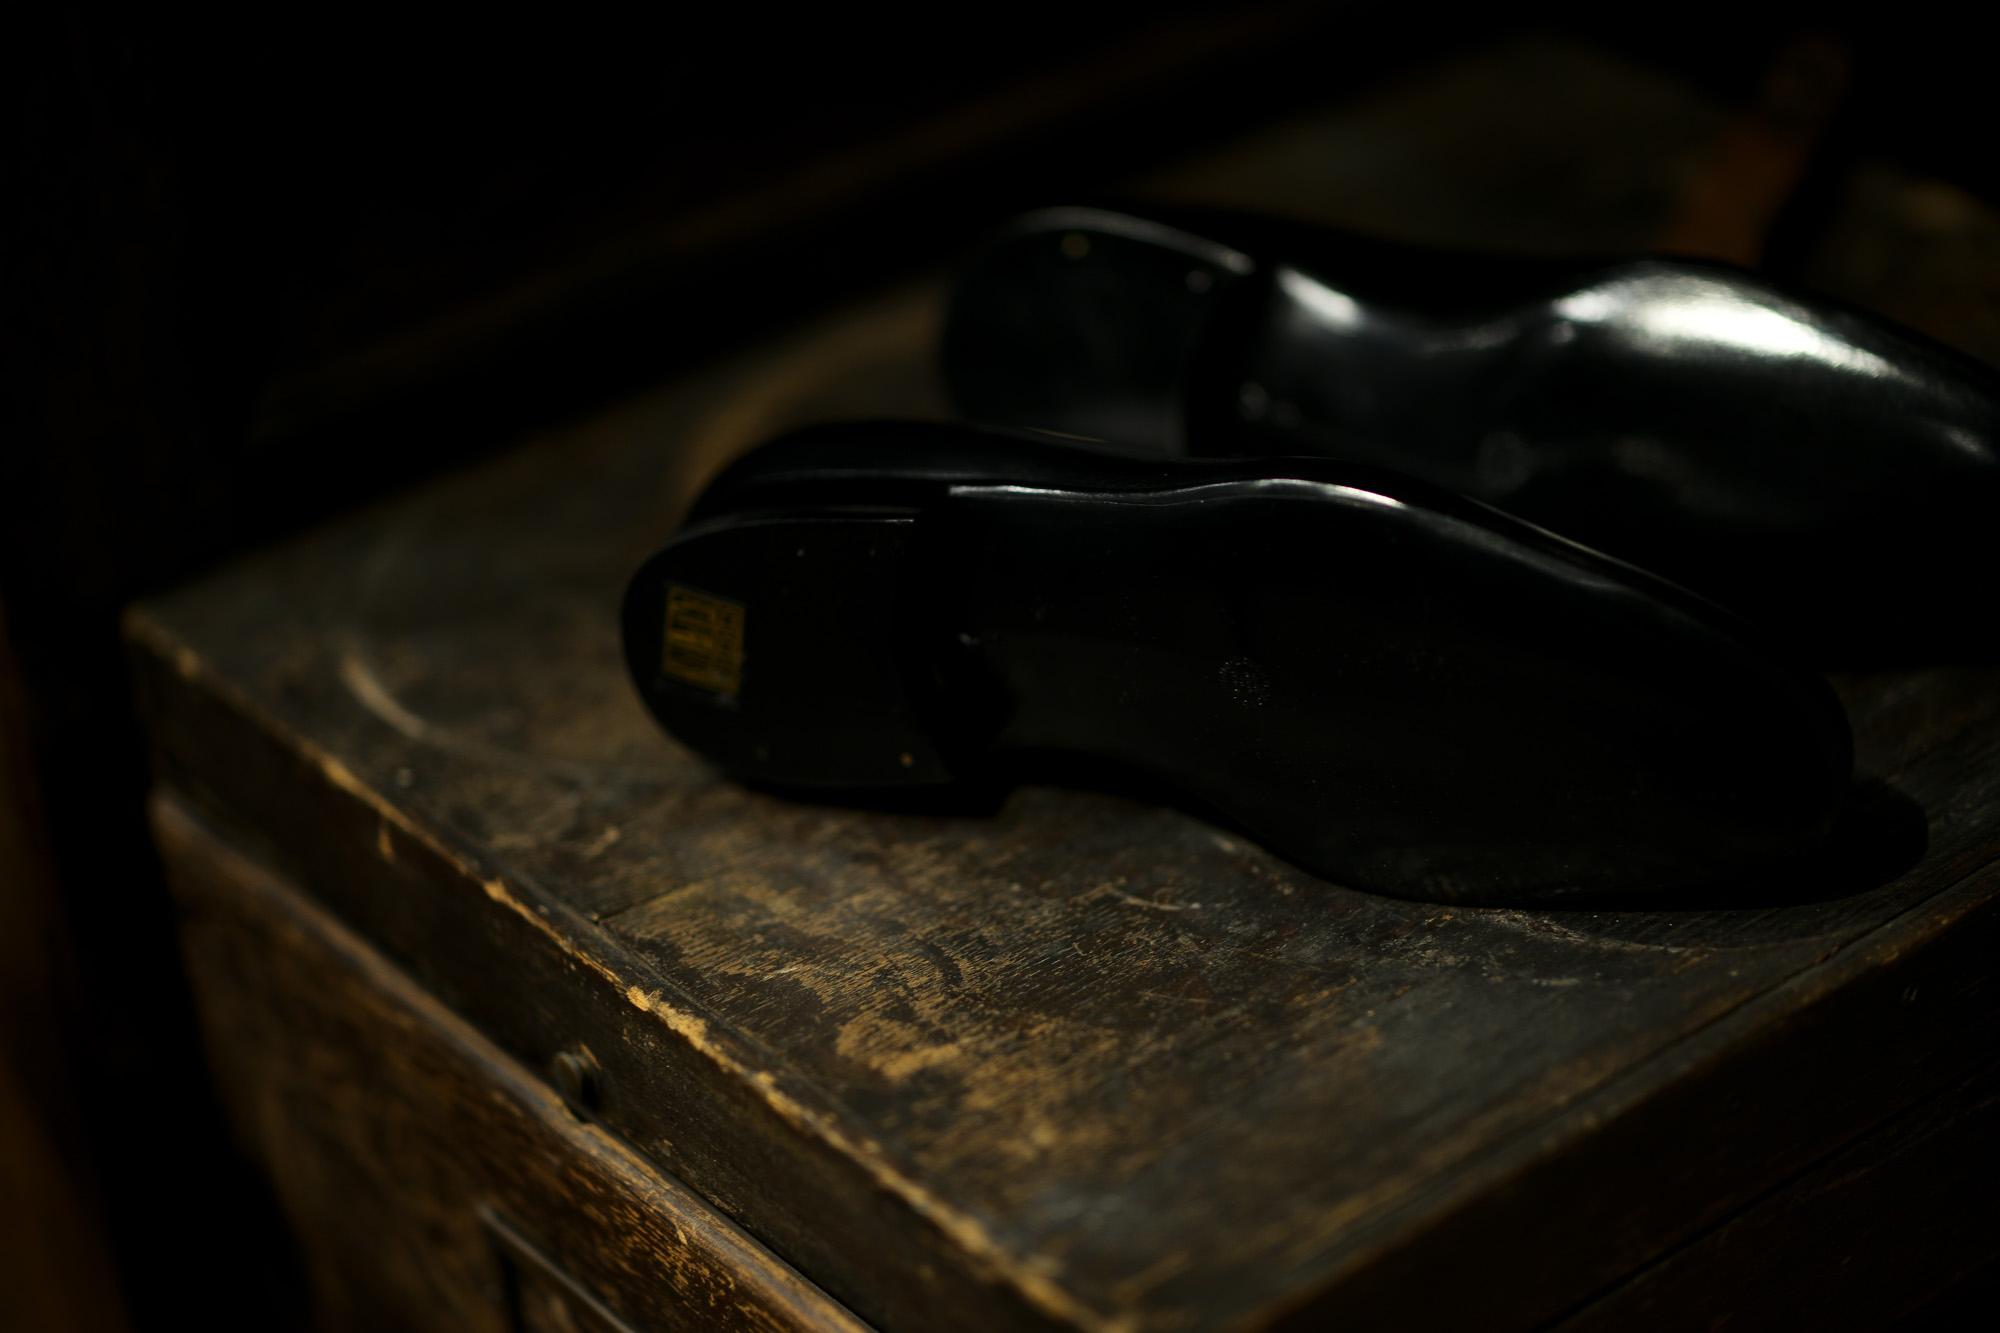 ENZO BONAFE(エンツォボナフェ) ART.3921 SLIP ON スリッポン INCA Leather ドレスシューズ スリッポン NERO (ブラック) made in italy (イタリア製) enzobonafe エンツォボナフェ ローファー zodiac nagoya alto e diritto altoediritto アルトエデリット